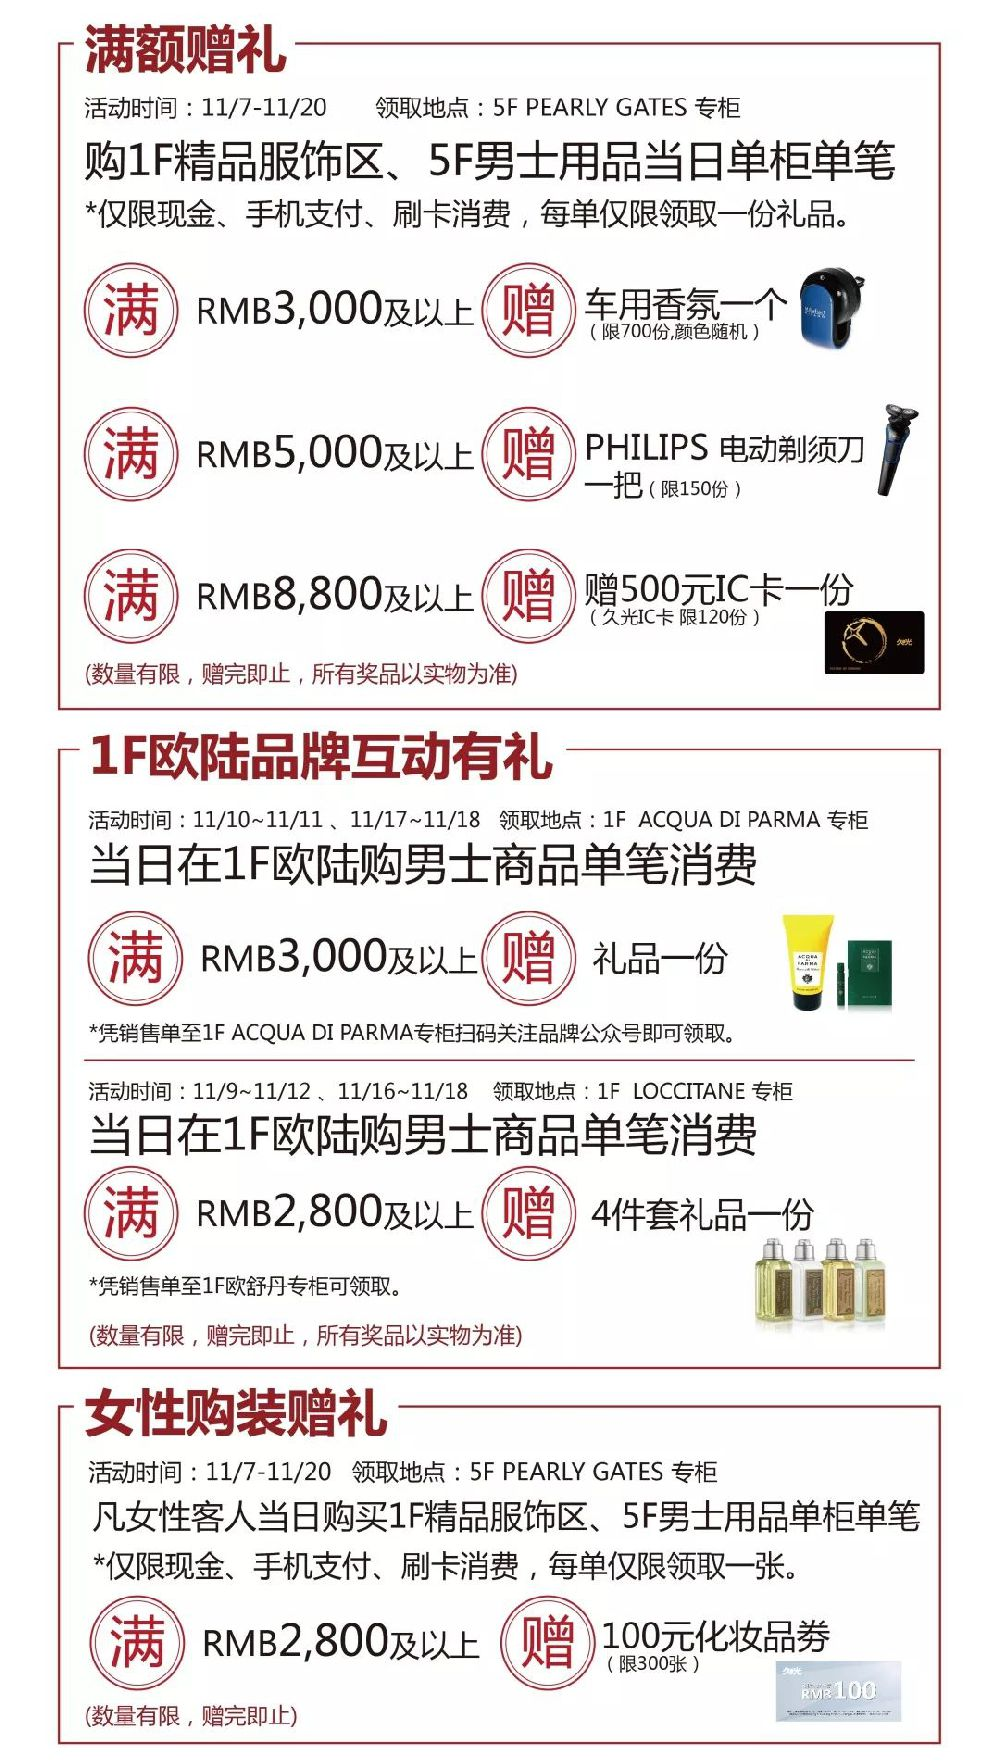 上海久光百货男装节品牌折扣一览